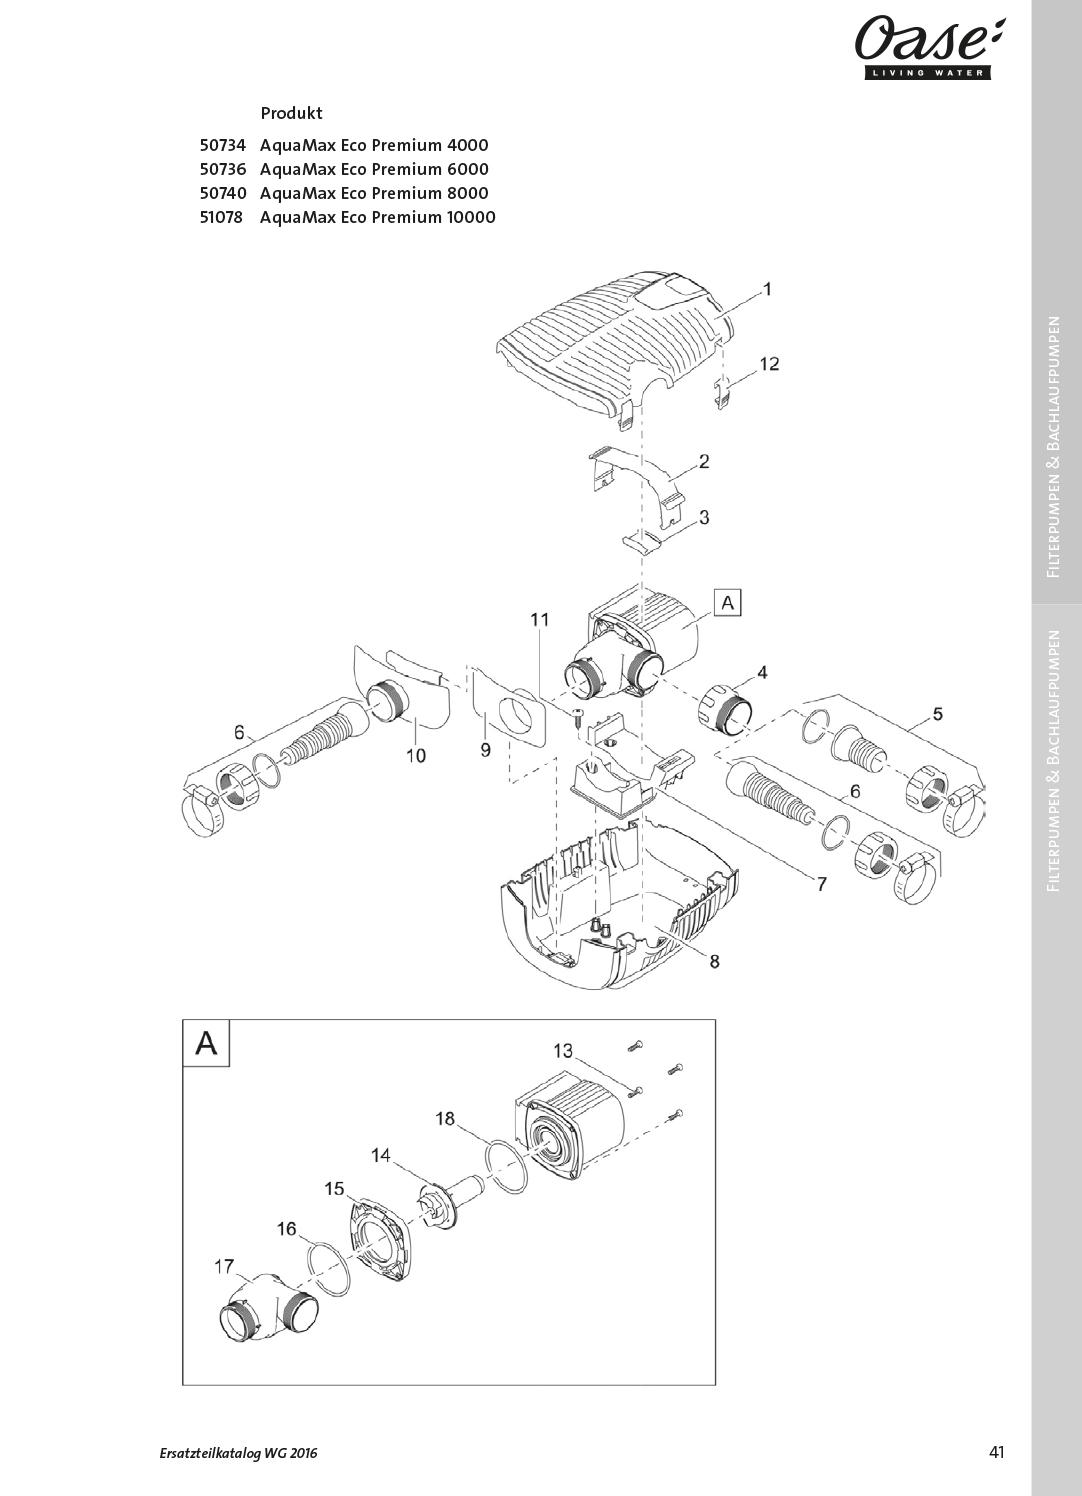 Oase-Ersatzteile für 50736 Oase AquaMax Eco Premium 6000